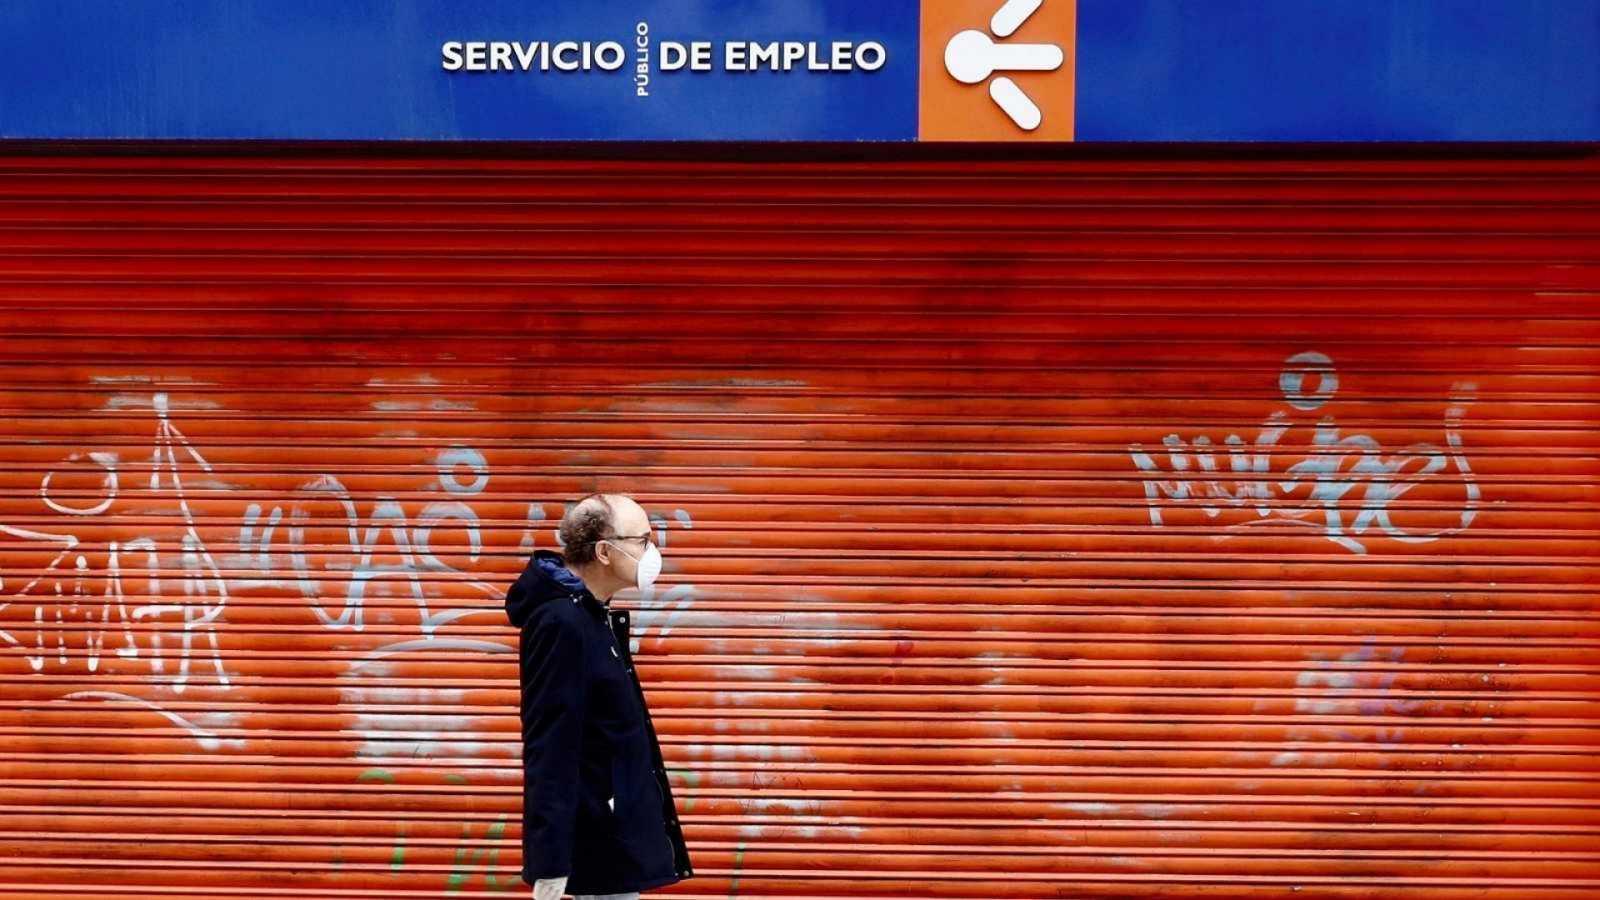 14 horas - Un 18 % más de trabajadores están en ERTE desde febrero - Escuchar ahora